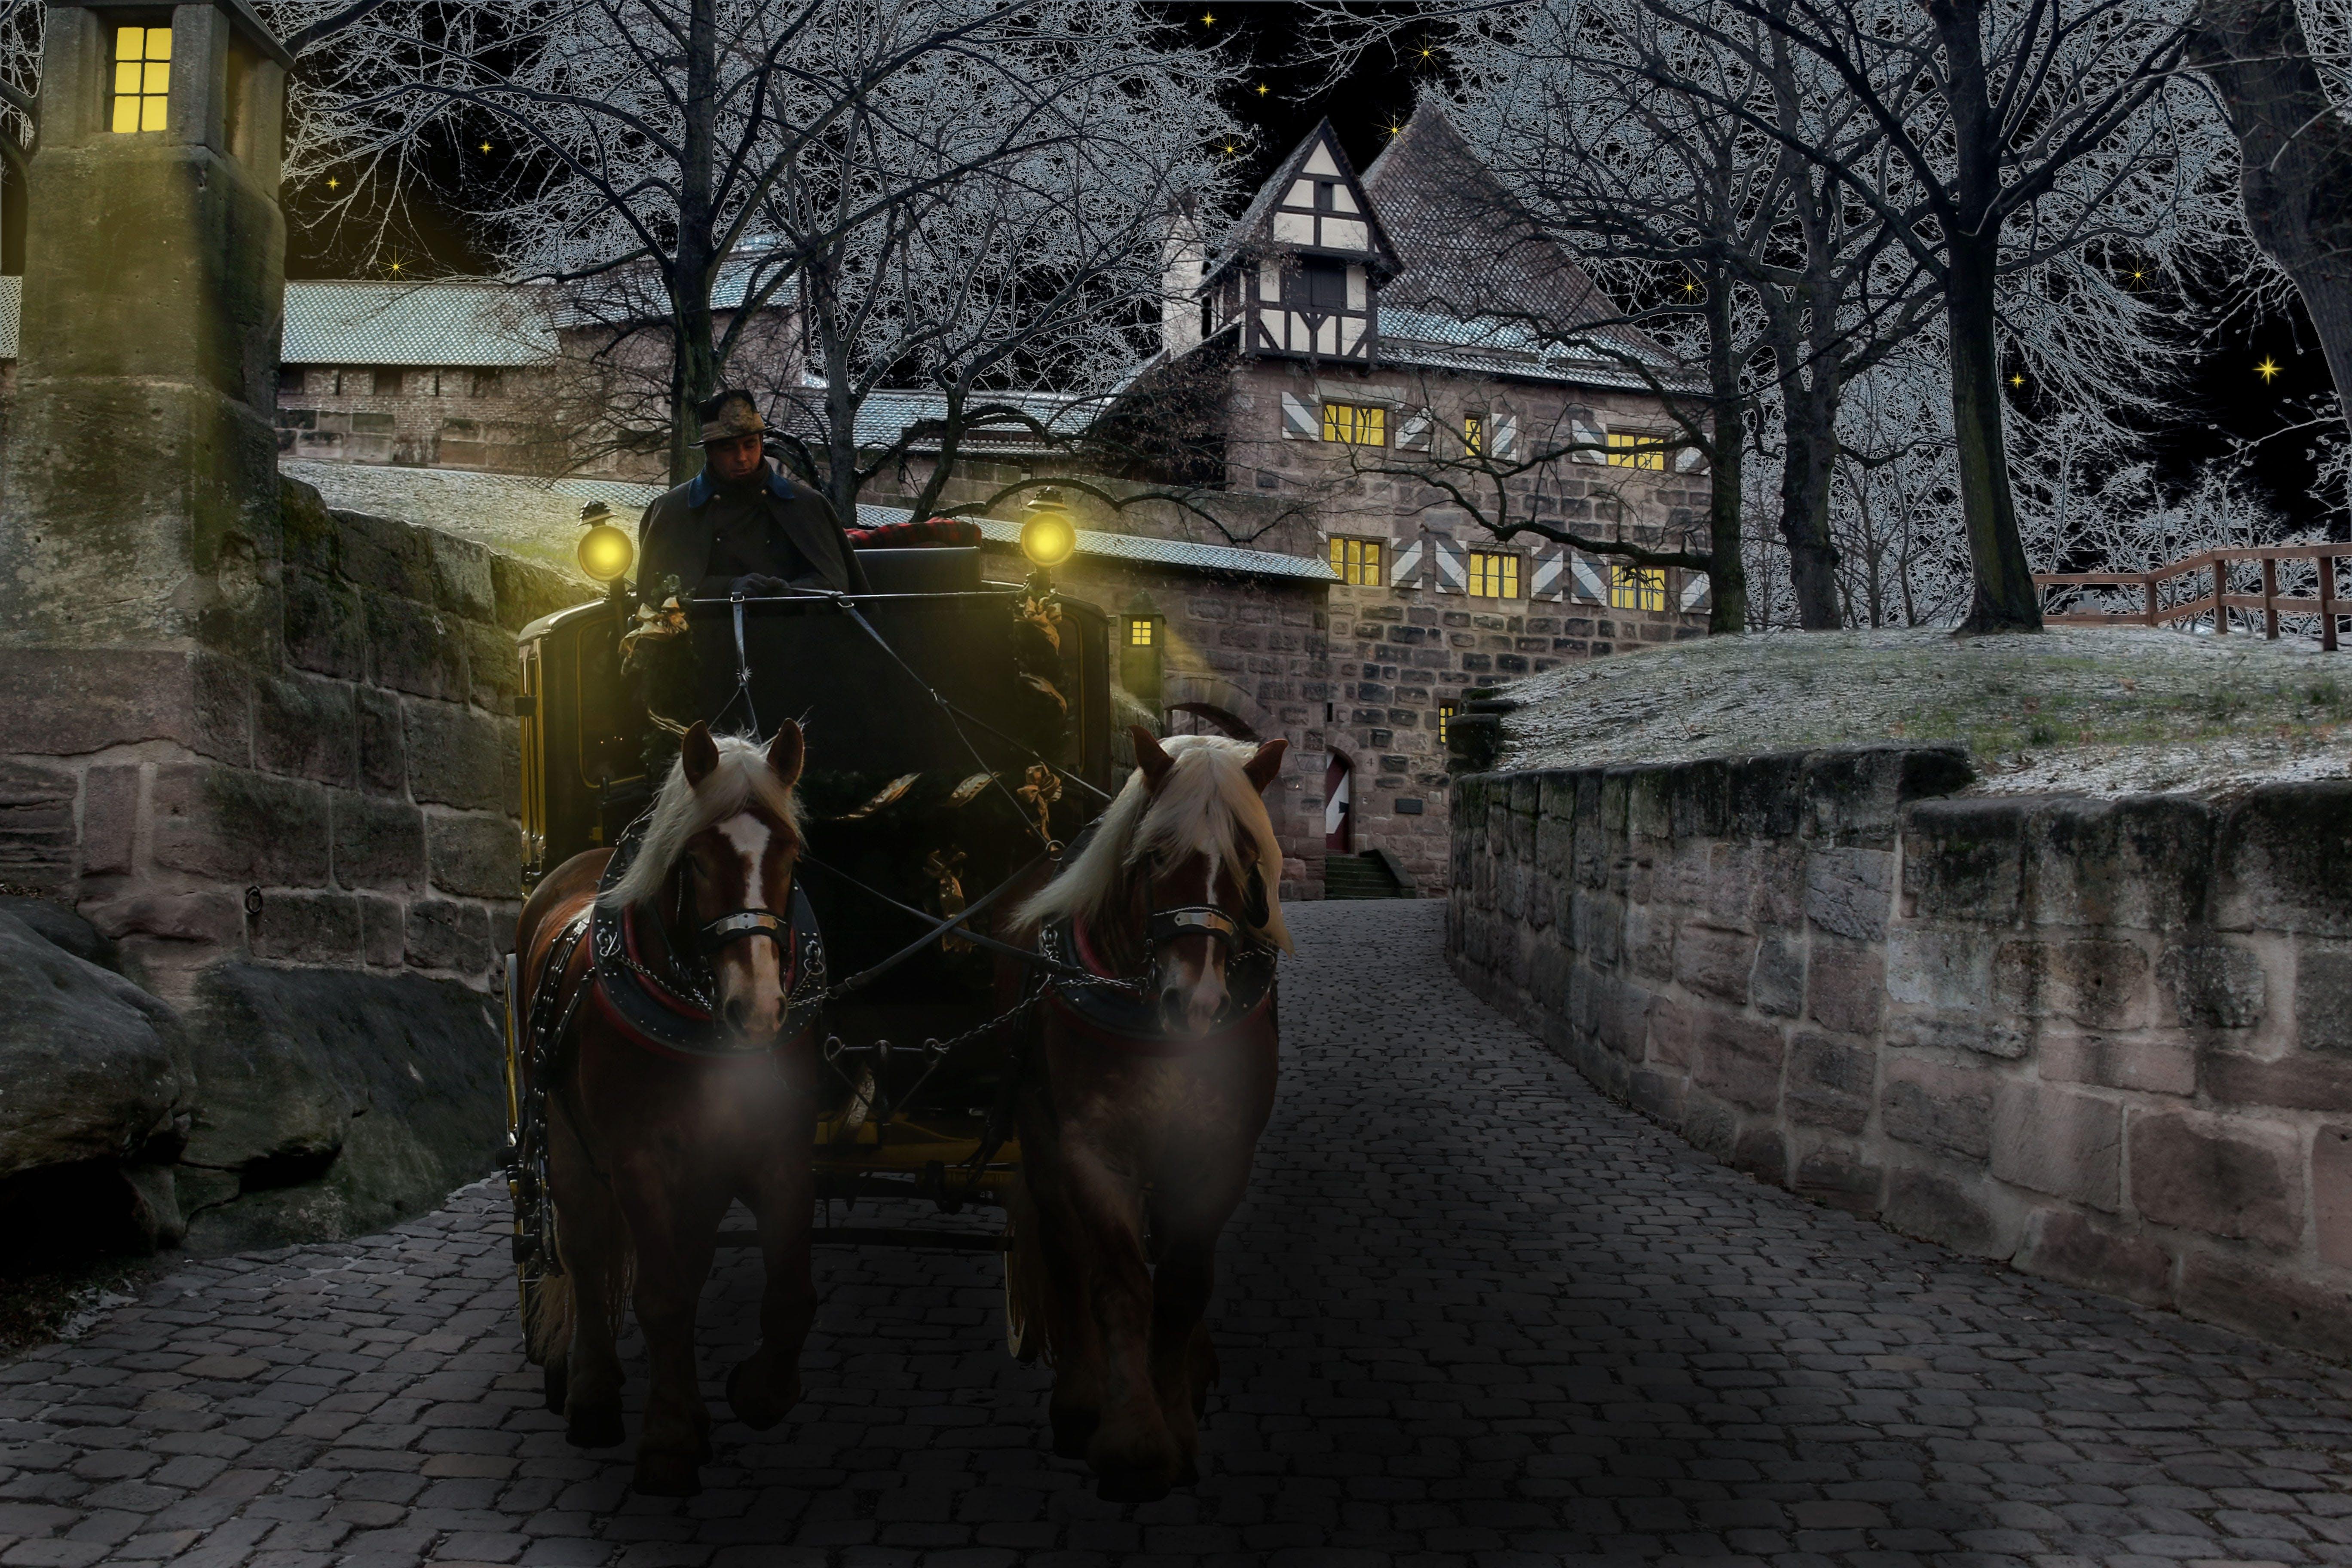 carriage, castle, coach